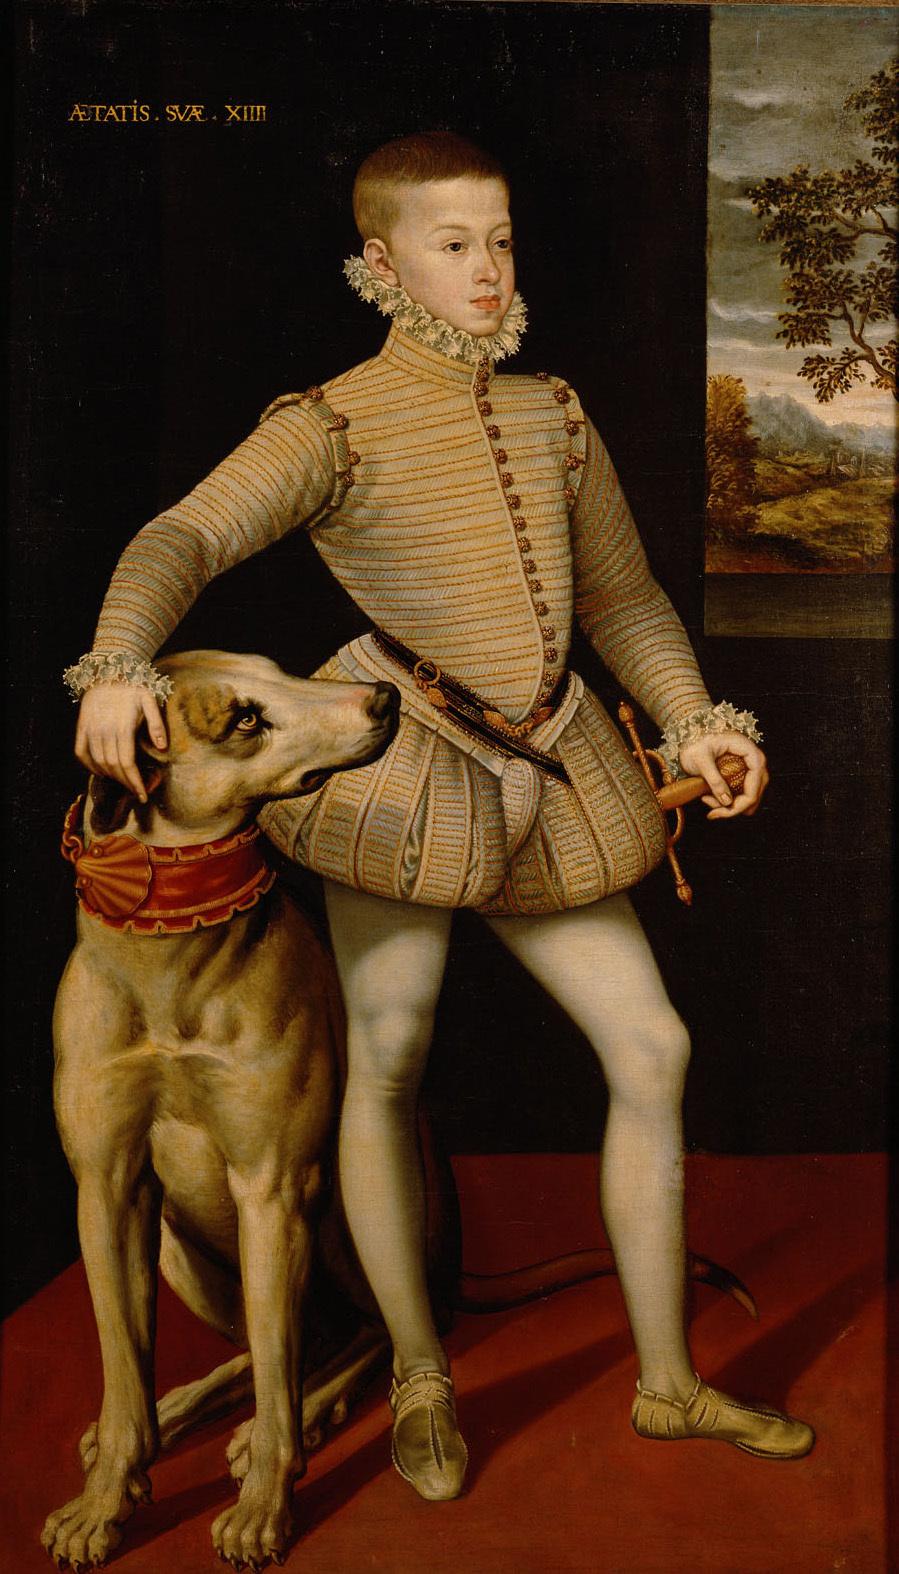 Erzherzog Albrecht VII. (1559-1621) im Alter von 14 Jahren mit einer Dogge, in ganzer Figur von Spanisch